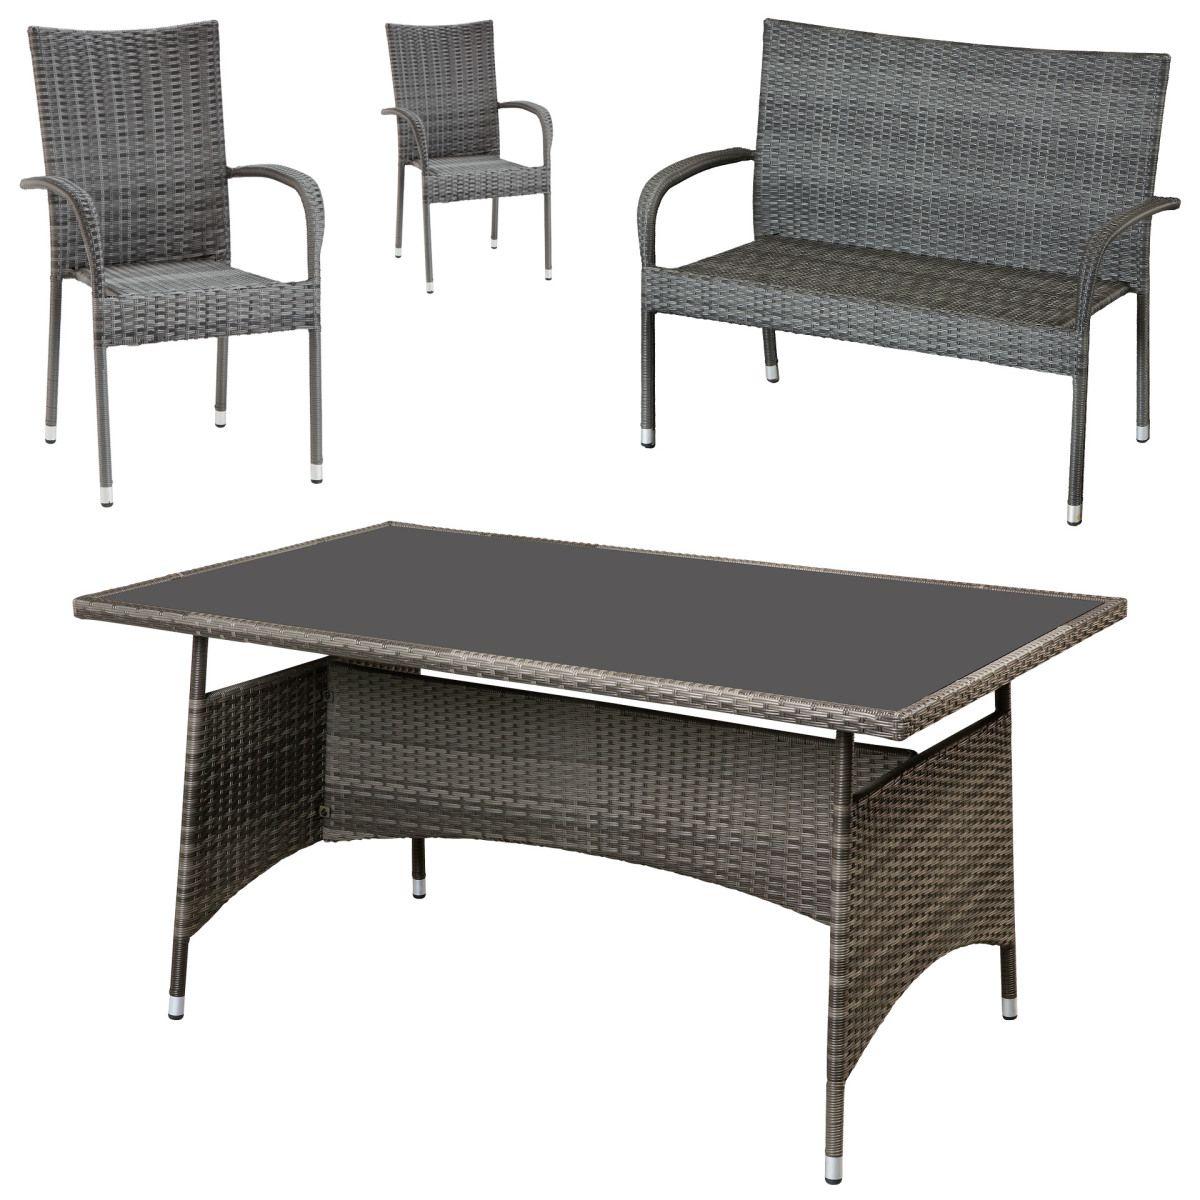 Gartenmöbel-Set Palermo (90x150, 1 Bank, 2 Stühle, grau) Jetzt ...